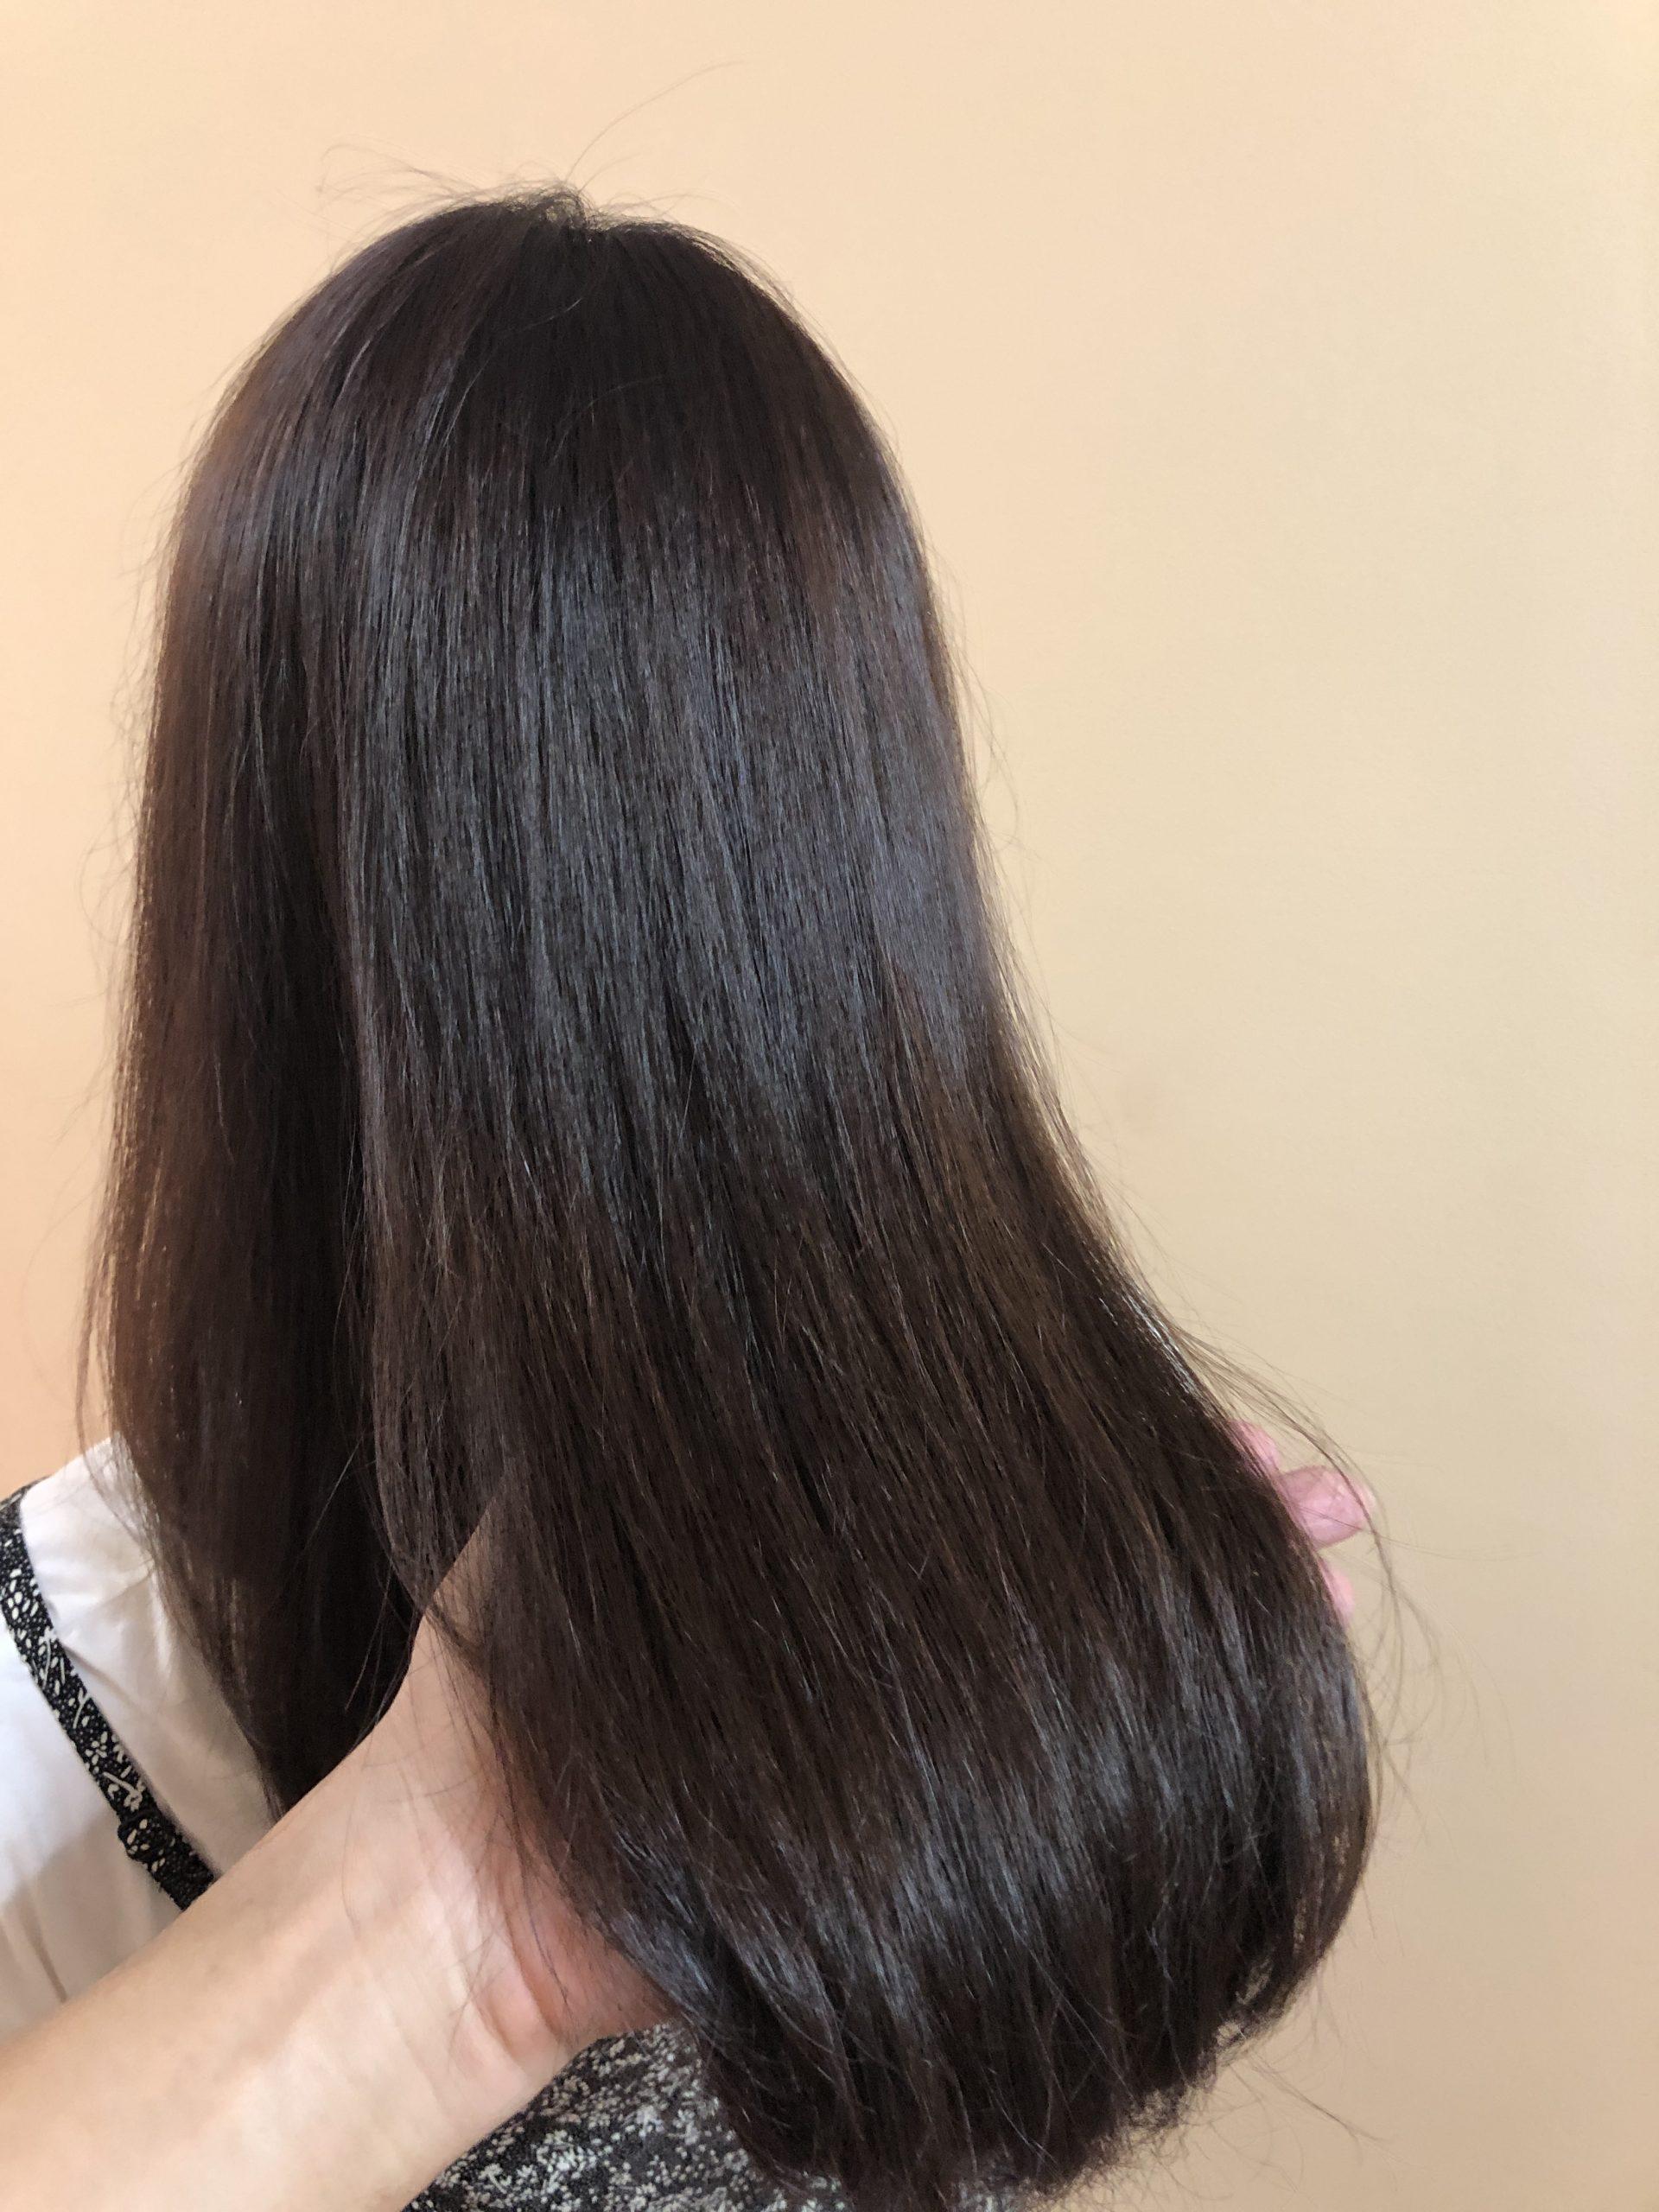 【秋色秋髪カラー】秋冬にもスロウマージをプラスするだけで一味違う髪色に♪